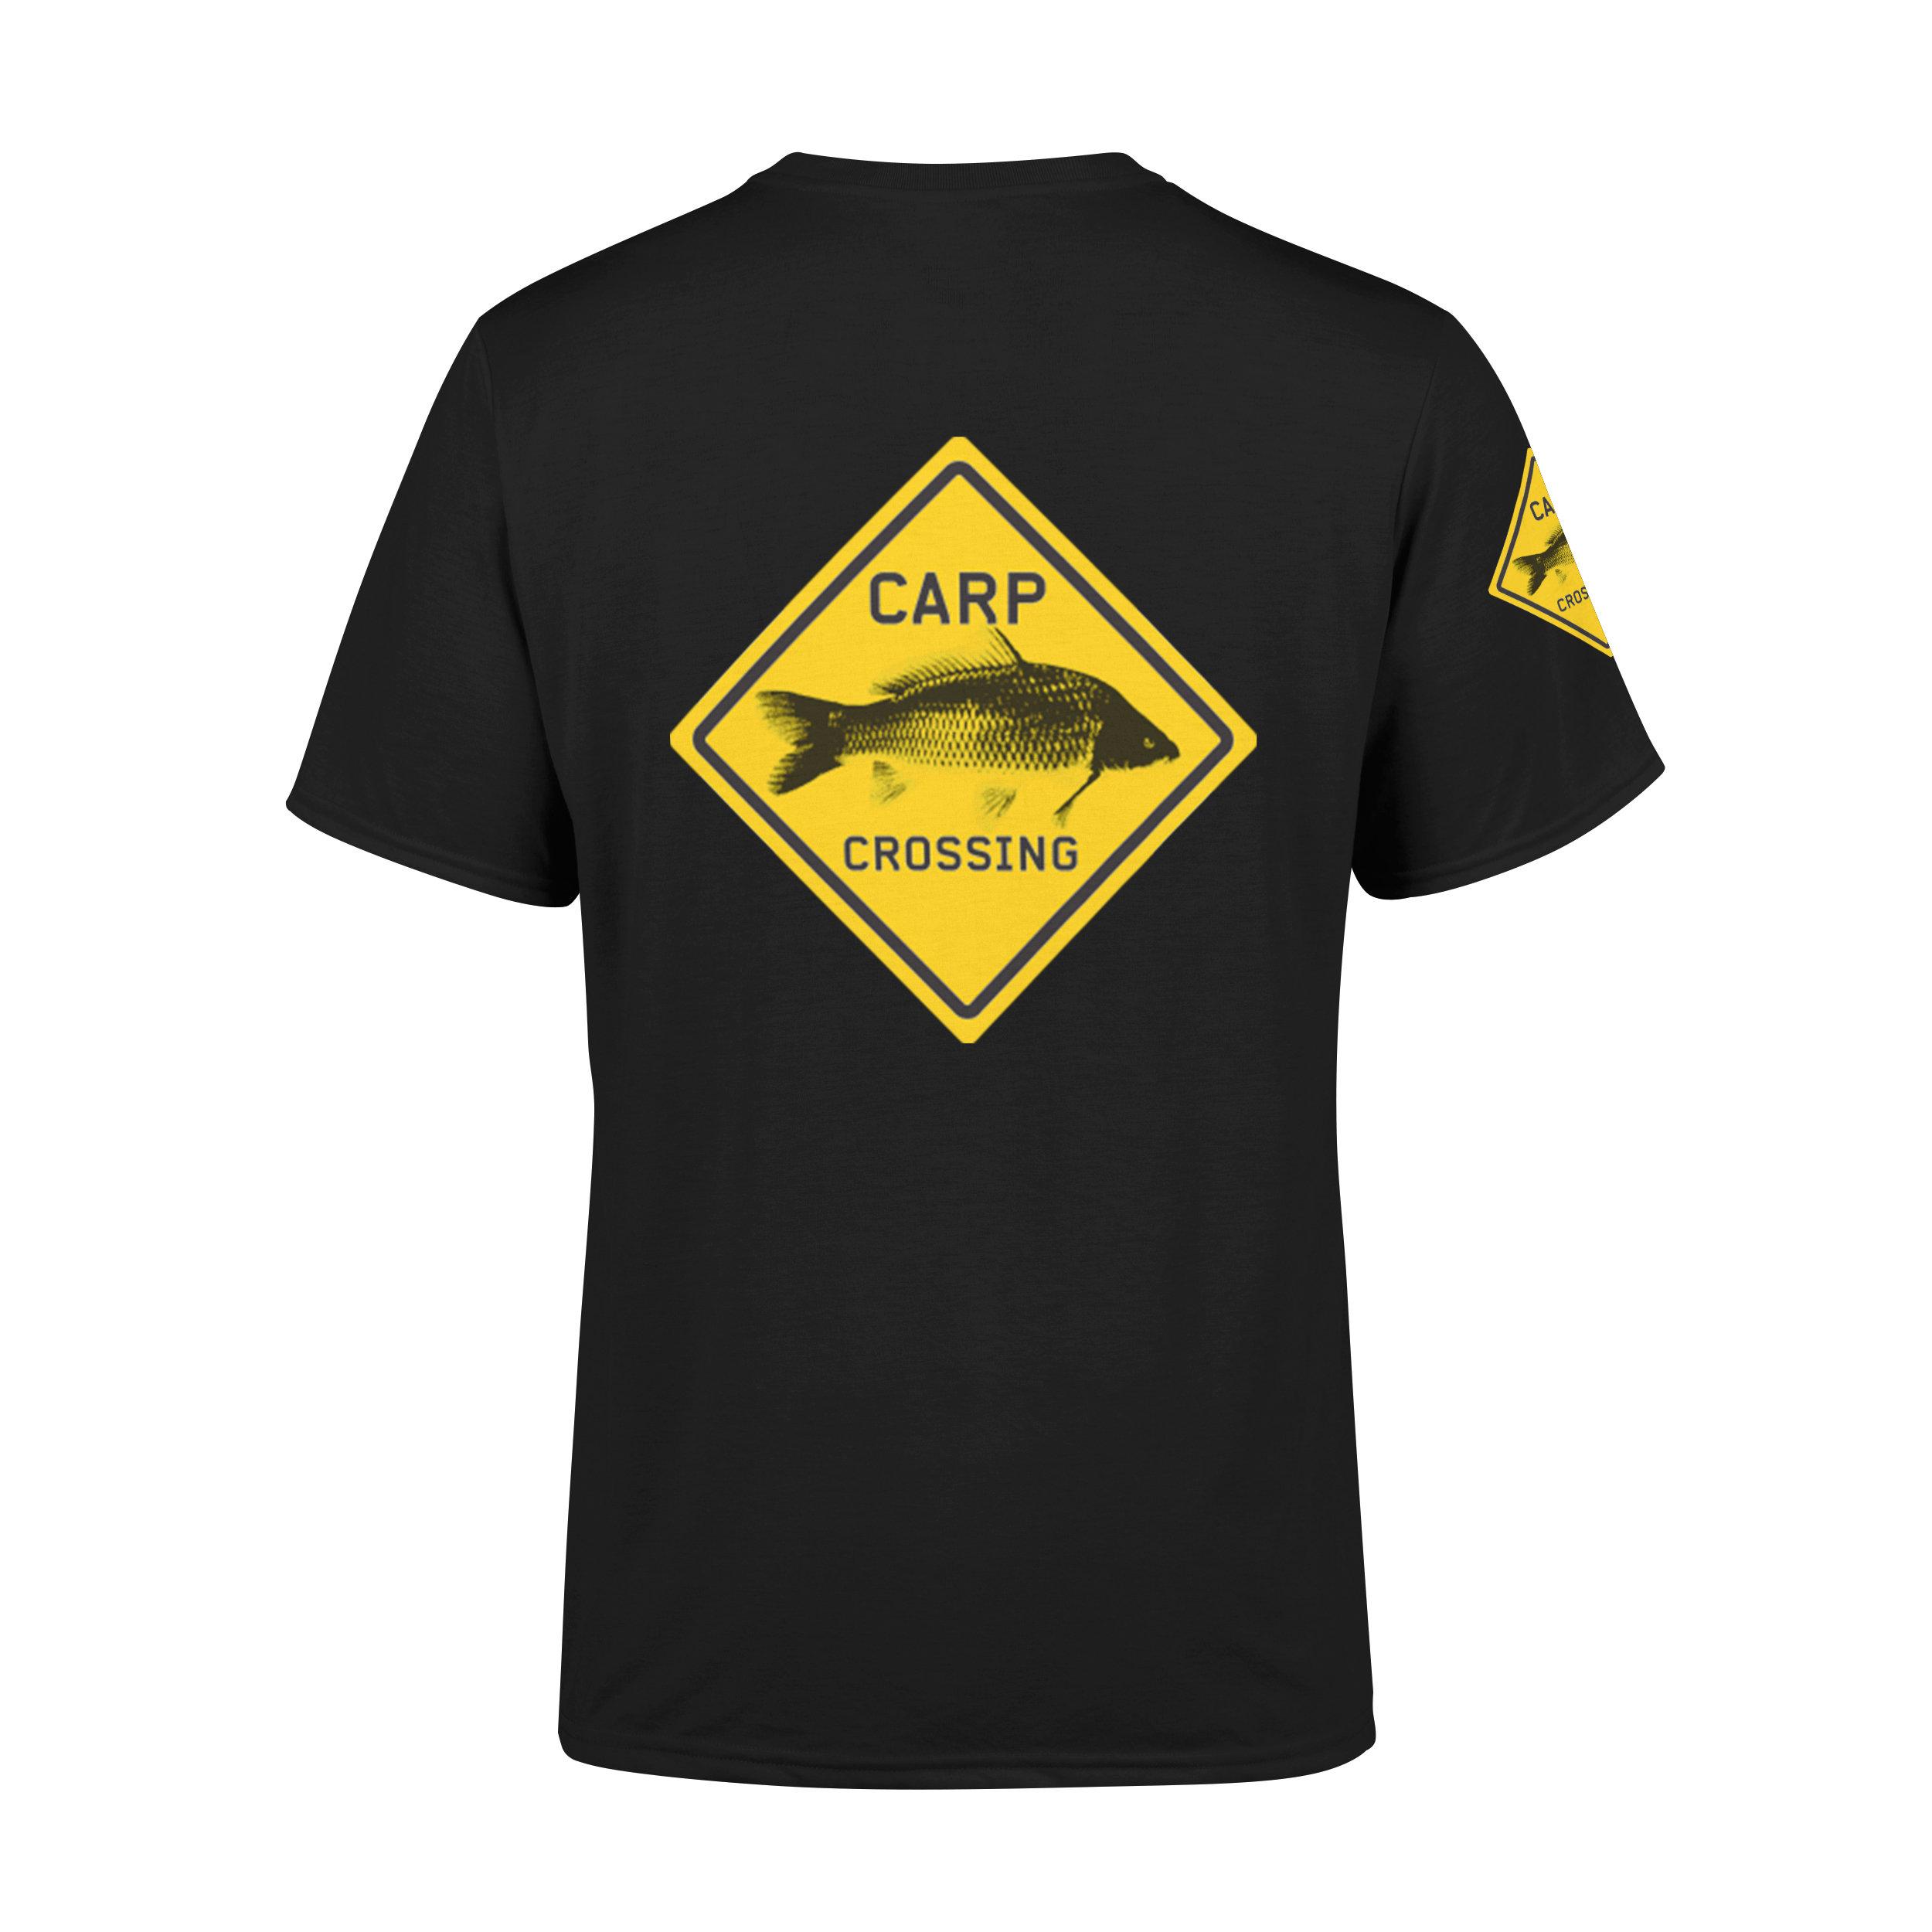 Carpcrossing Classic Carp T-shirt Black Kids